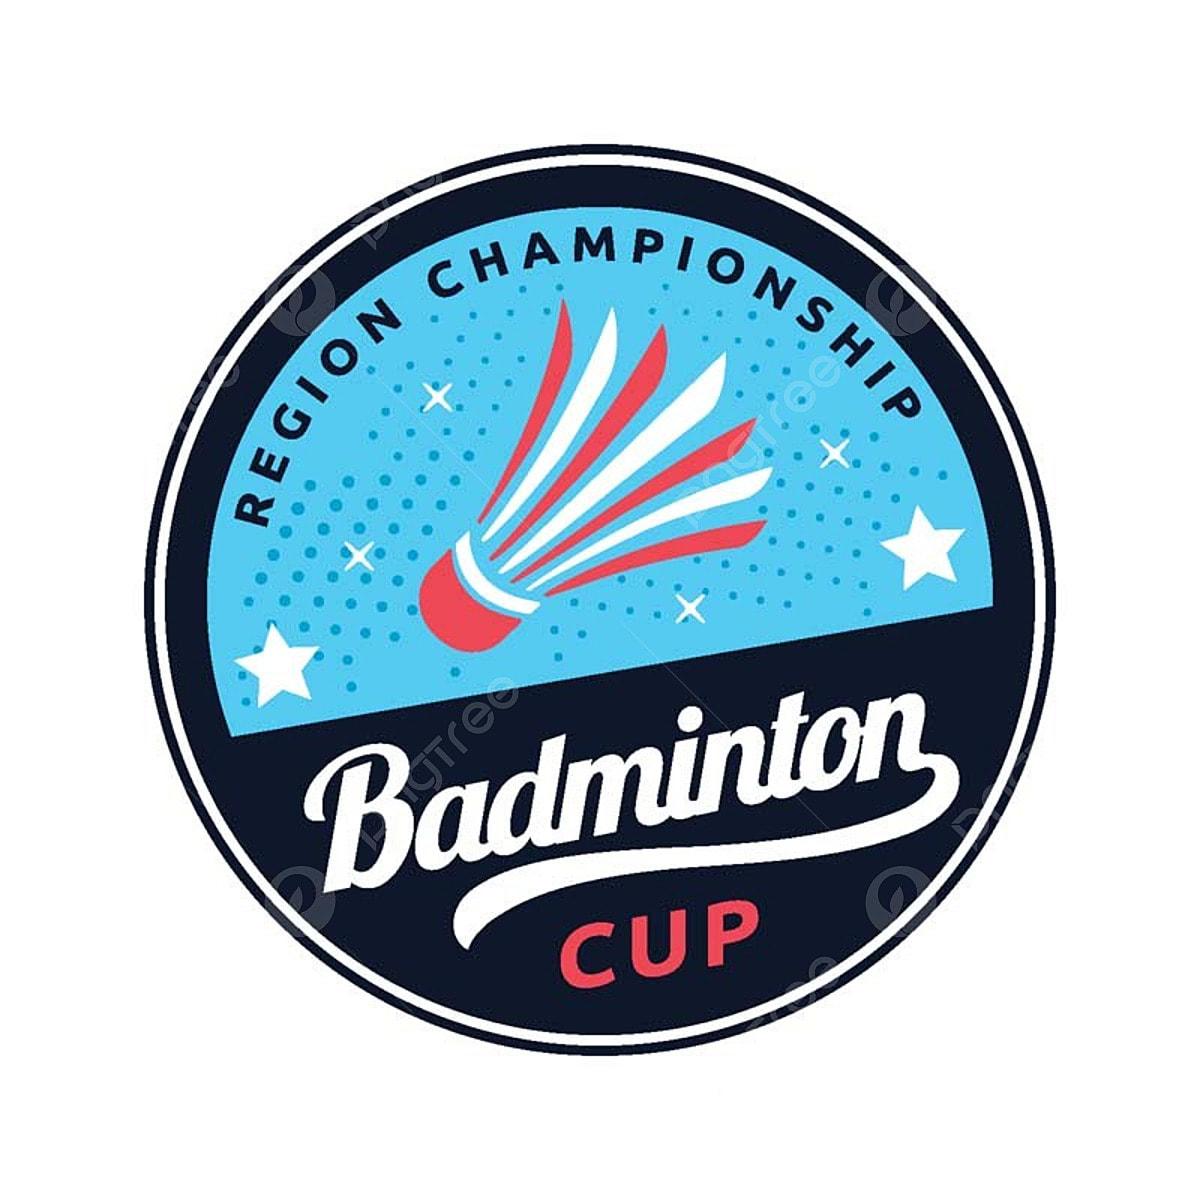 moden badminton lencana logo ilustrasi badminton bulu